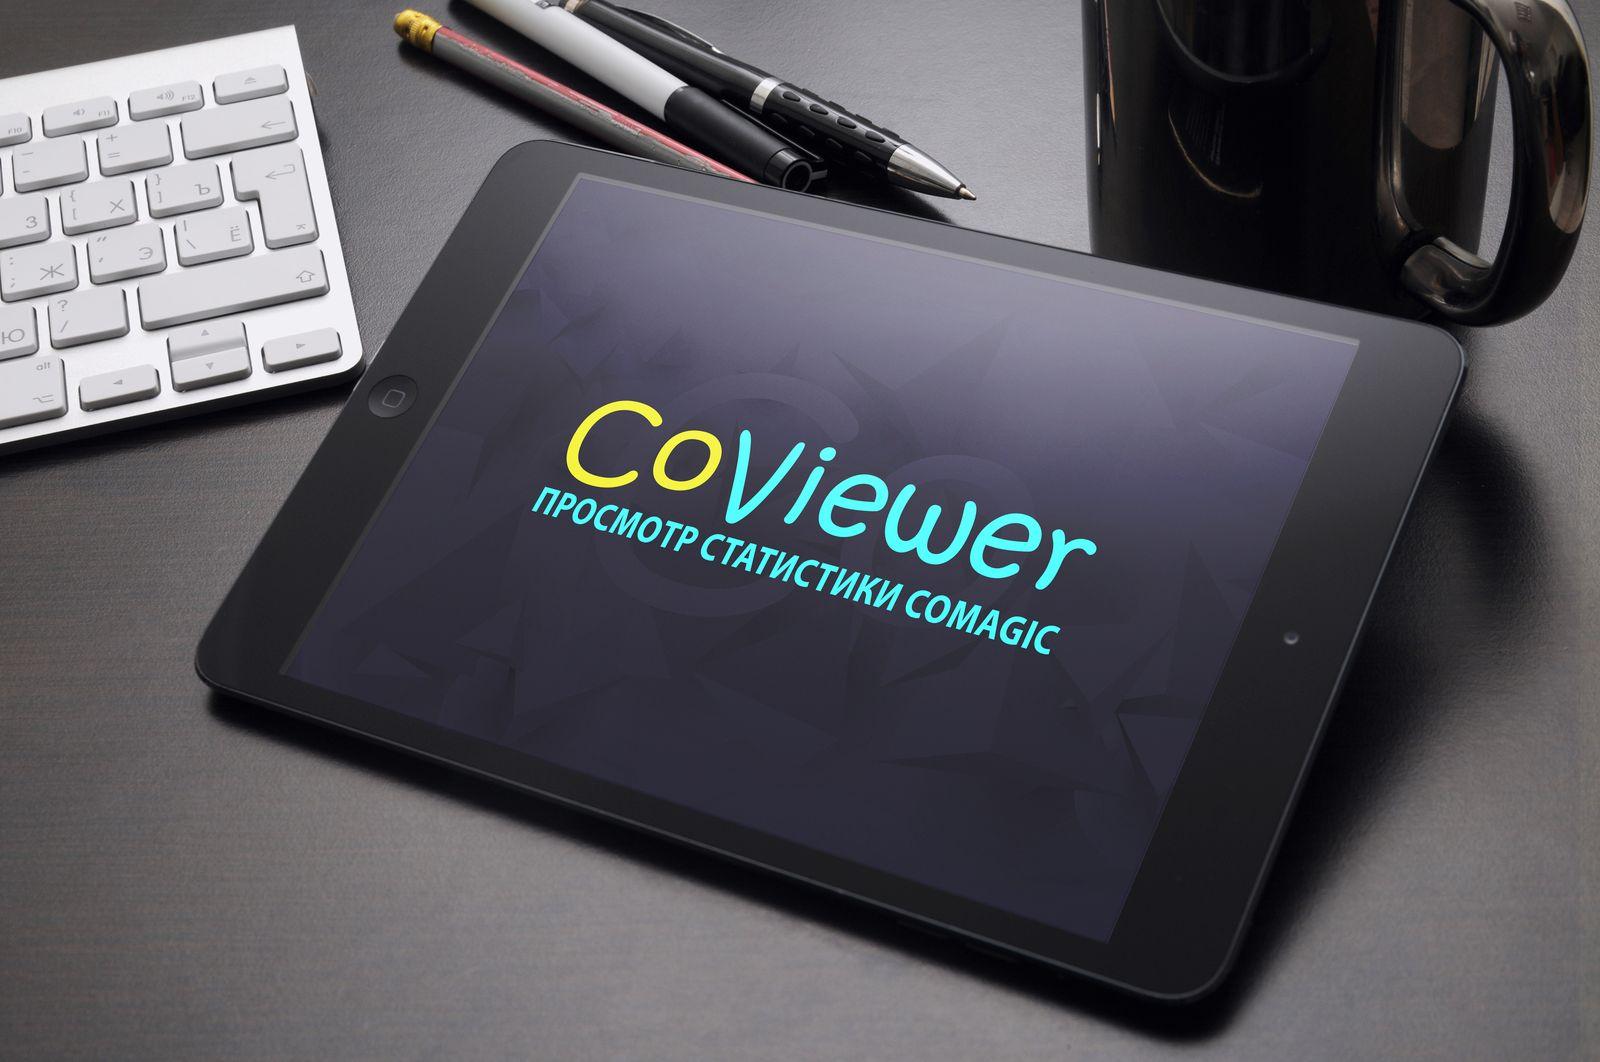 Студия Ракета завершила создание сайта Coviewer.ru | Студия Ракета